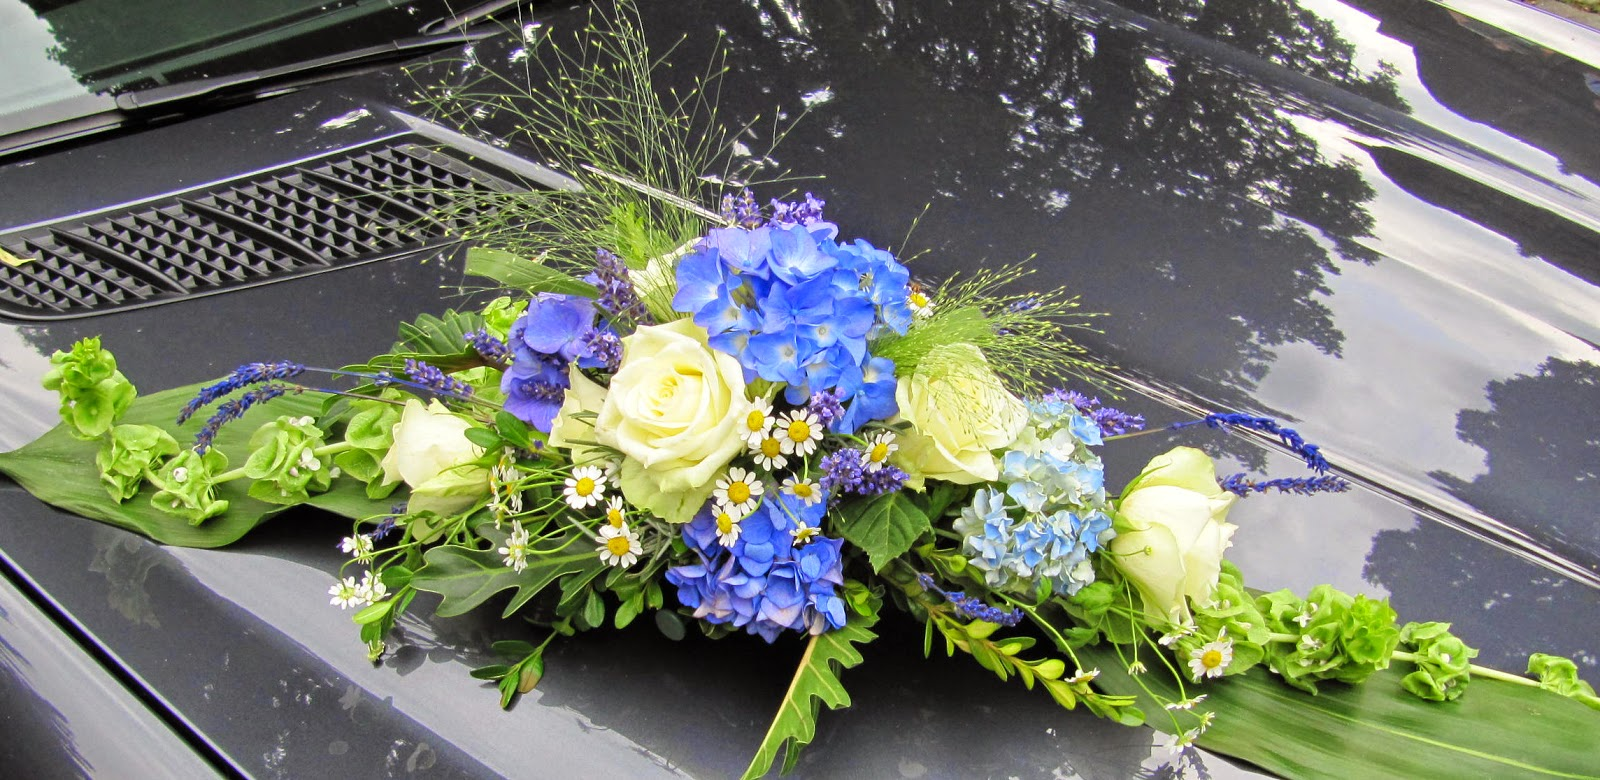 Steffi S Hochzeitsblog Mein Blau Weisser Blumenschmuck Teilweise